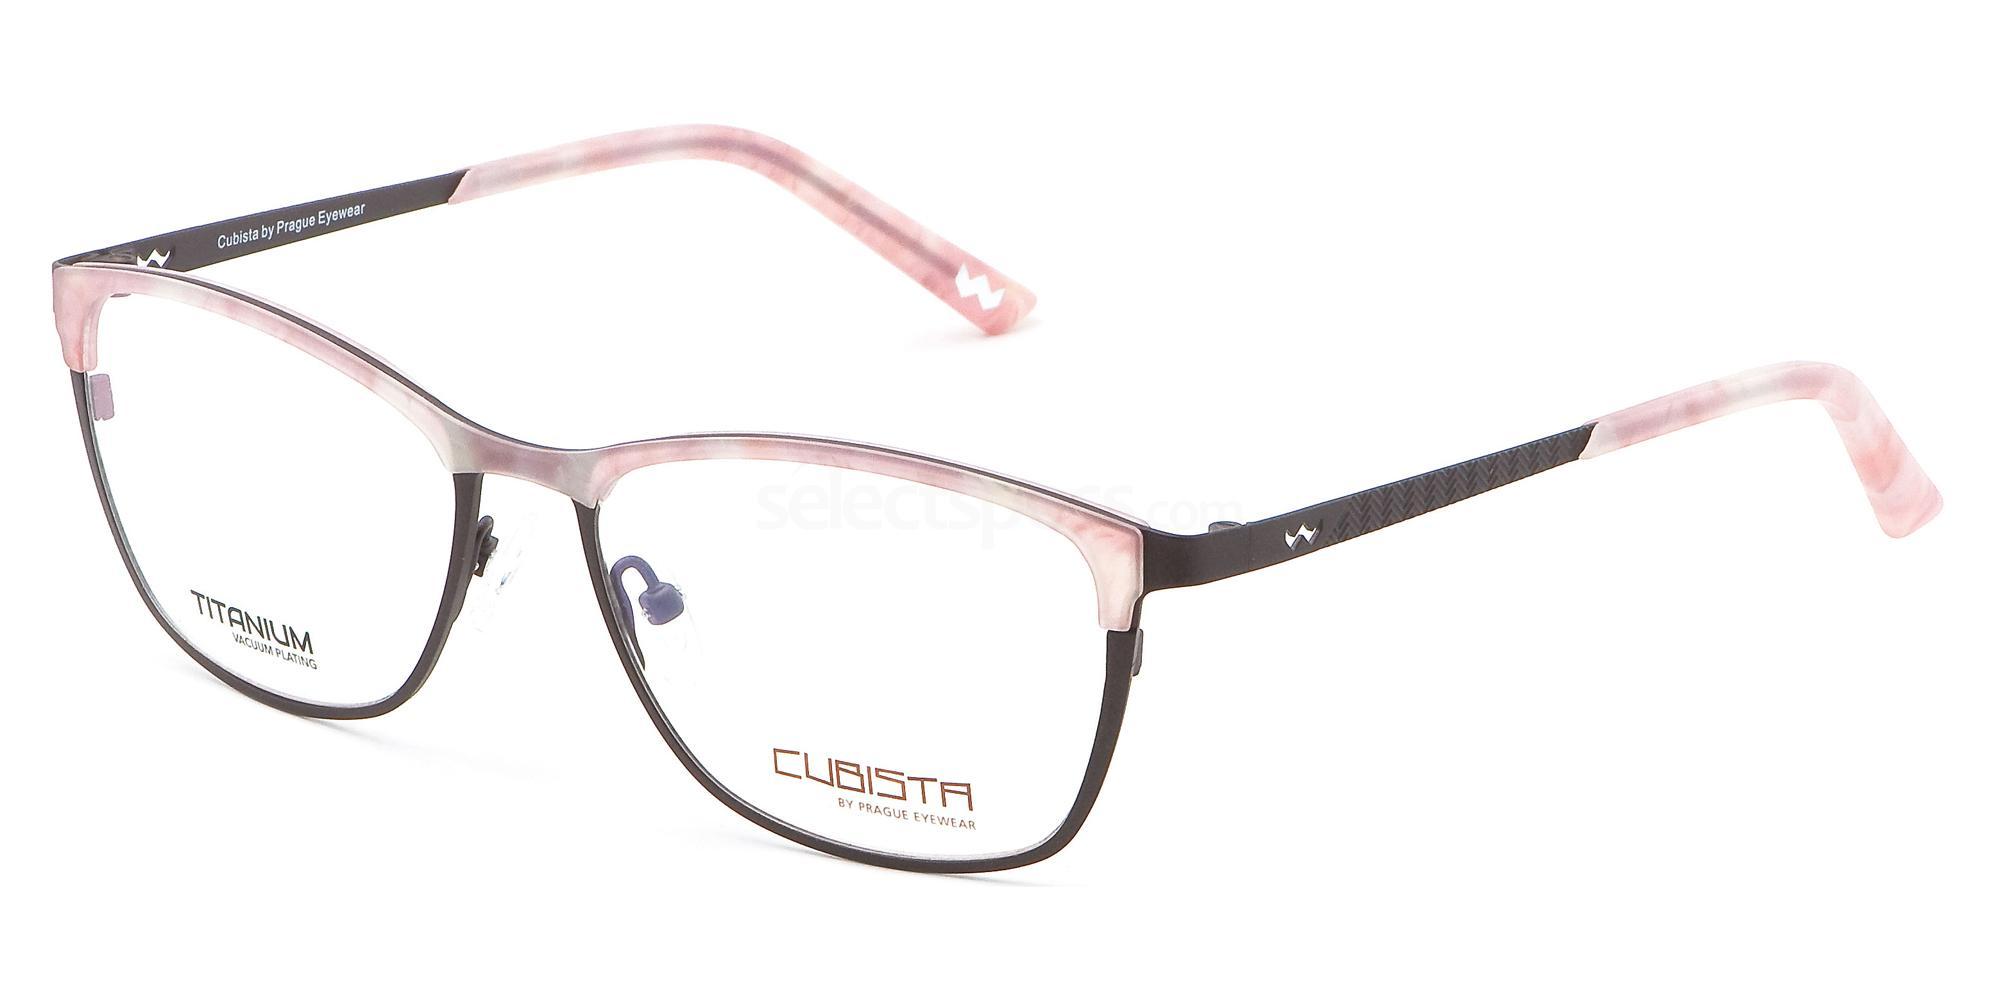 C1 CUB8322 Glasses, Cubista